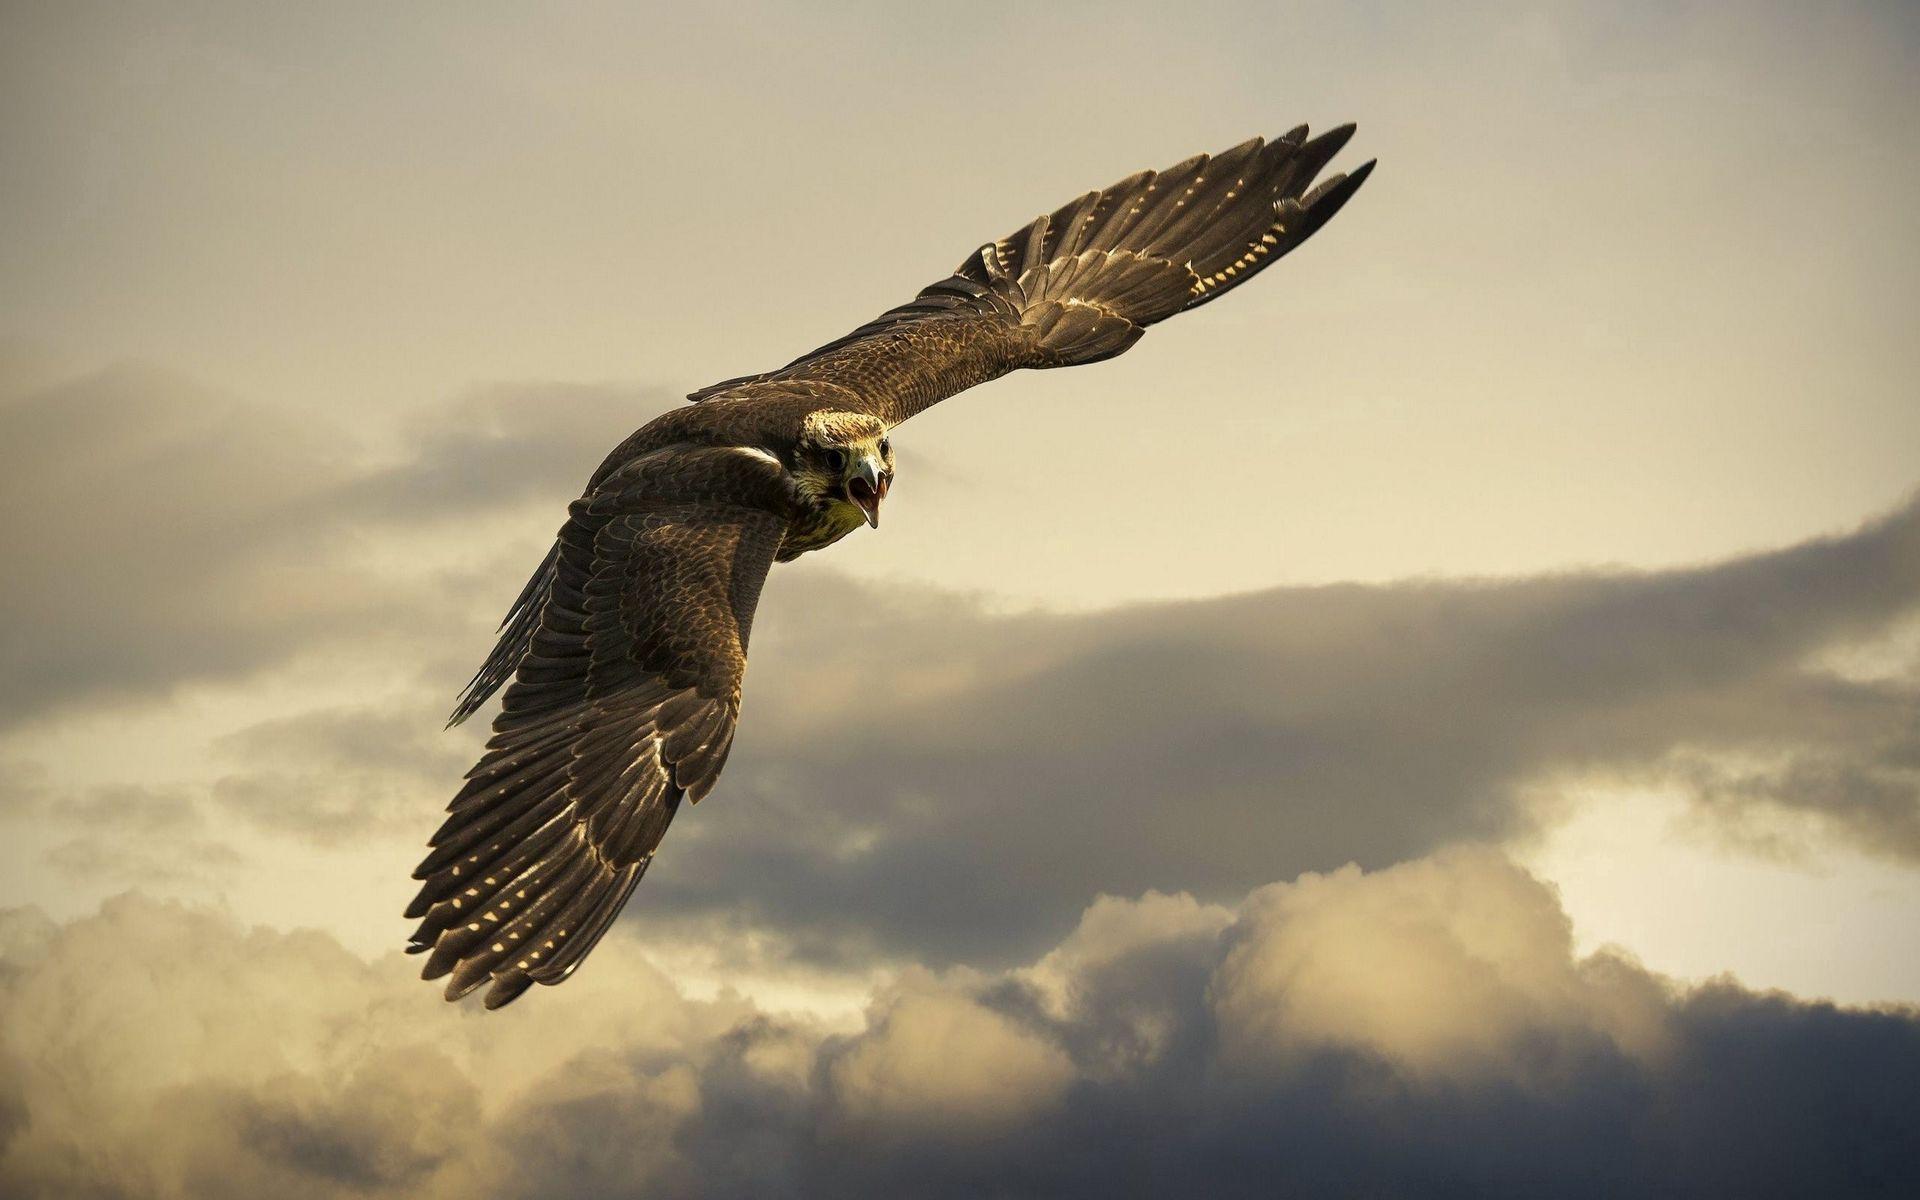 1920x1200 Wallpaper eagle, flight, sky, wings, clouds